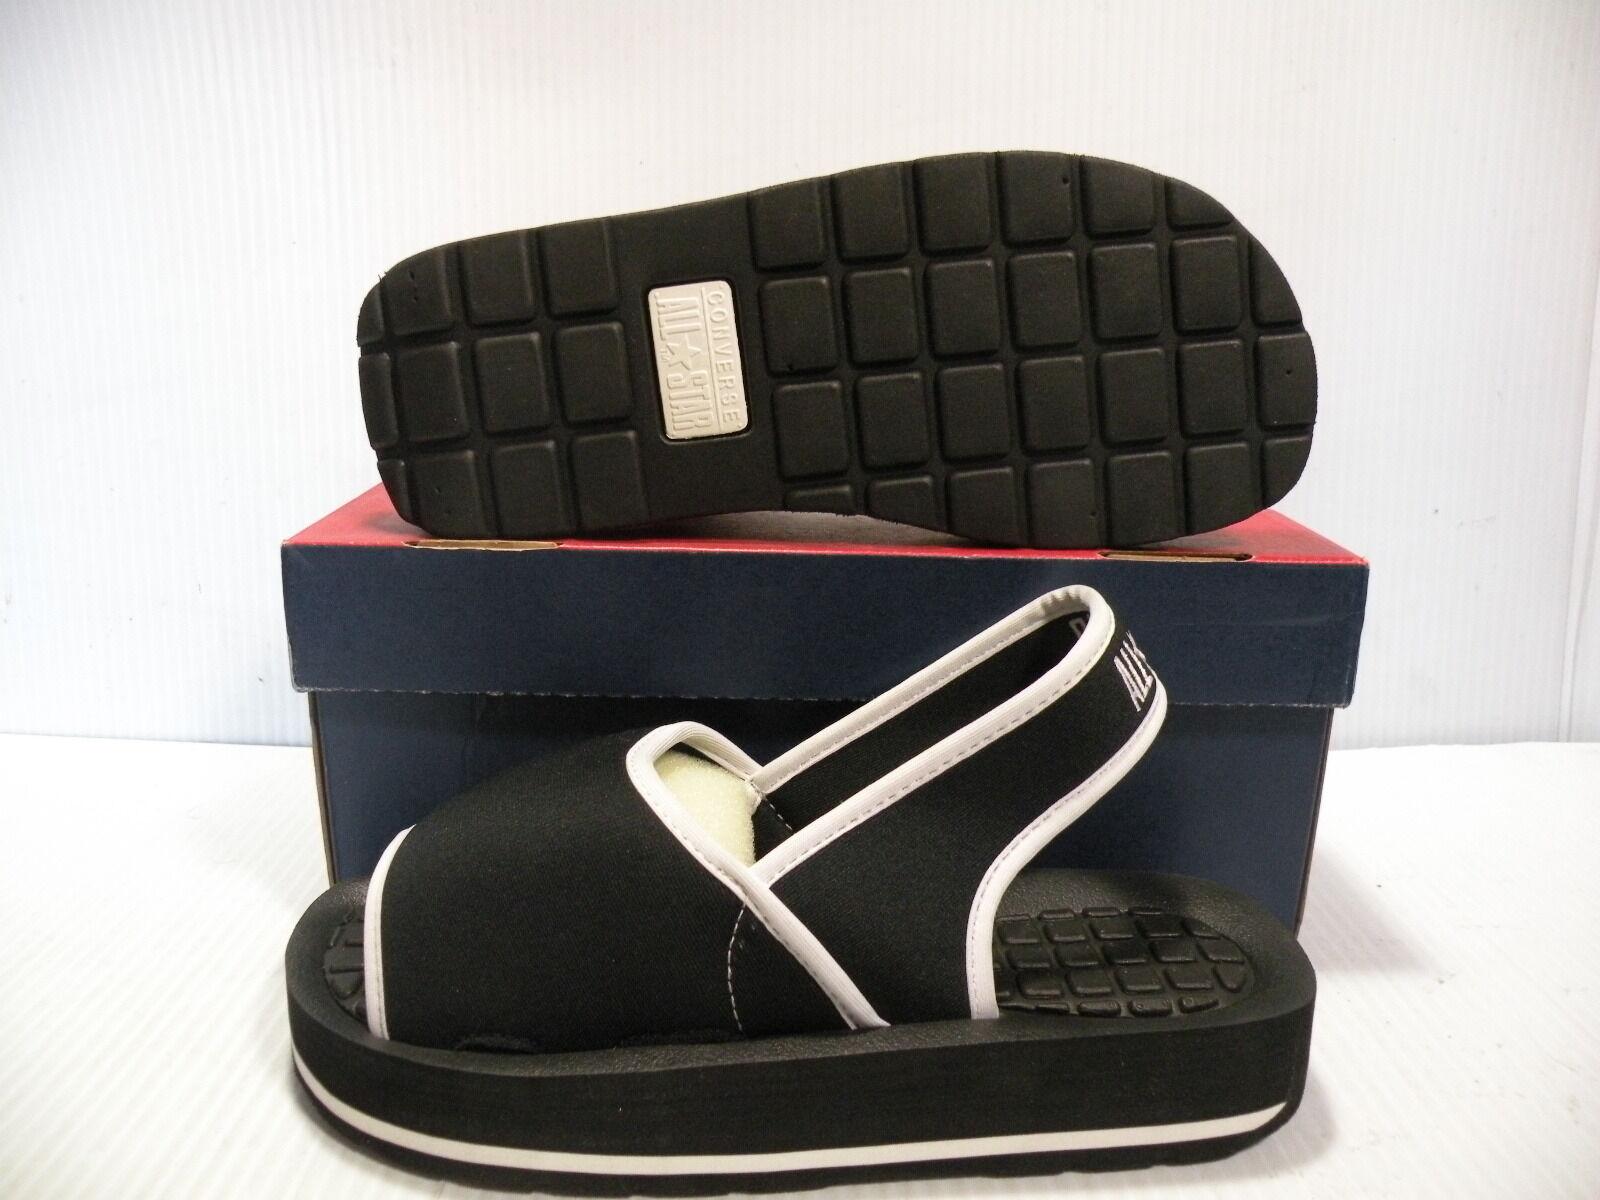 CONVERSE SLING-RAY SANDALS ALL STAR CT WOMEN Schuhe BLACK/WEISS 55160 SIZE 9 NEU